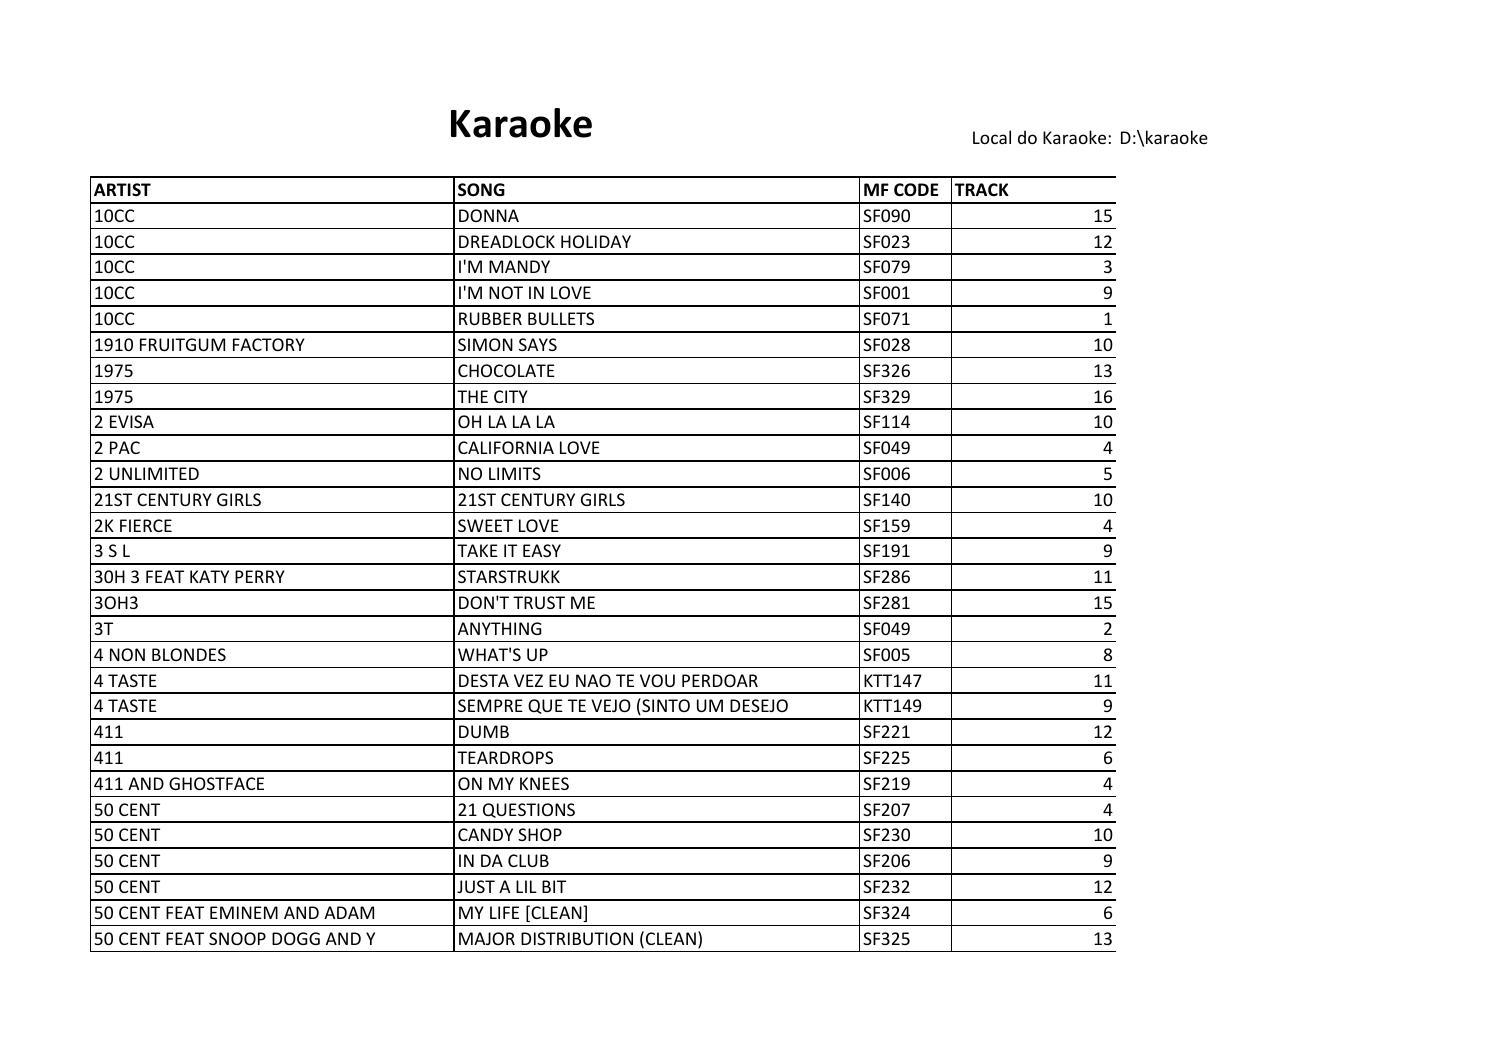 Lista karaoke v1 by Cristiano Produções - issuu